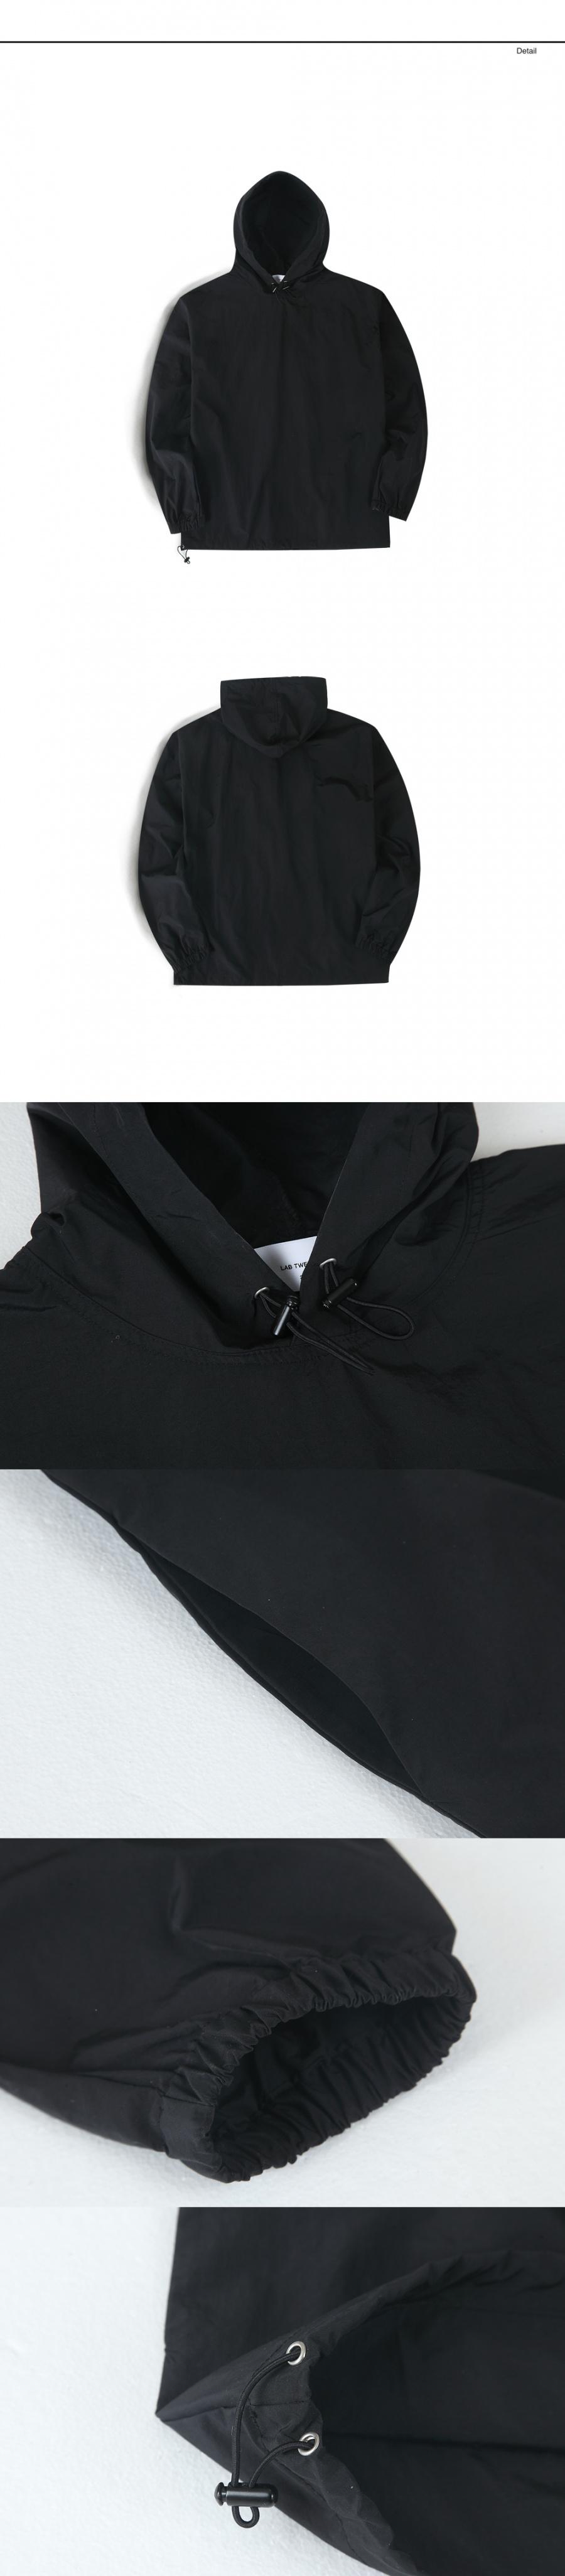 랩12(LAB12) 19S/S 나일론 아노락 자켓 (블랙)